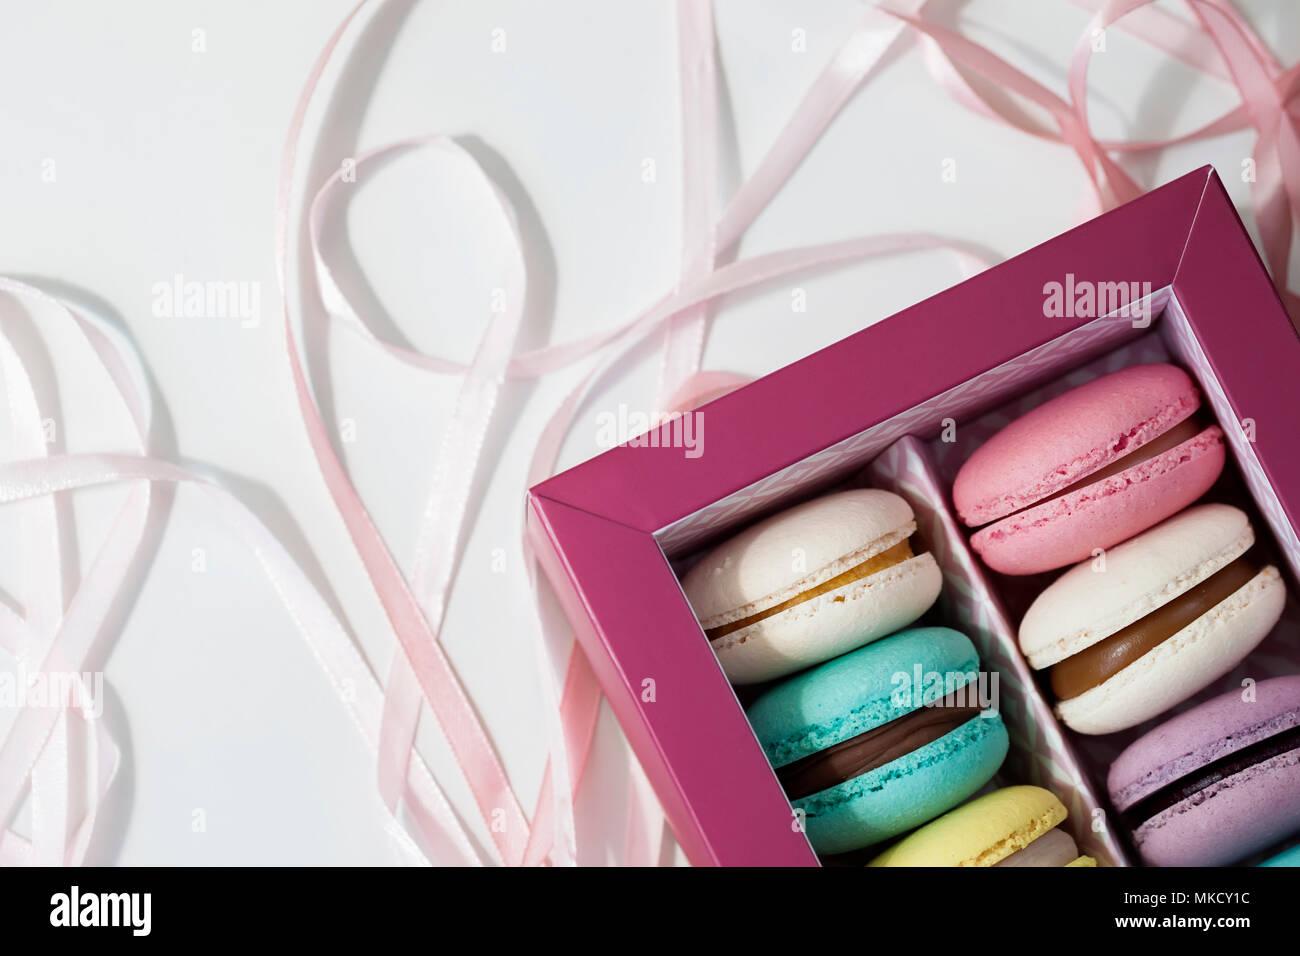 Box von makronen in verschiedenen Farben mit unterschiedlichen Geschmäckern close-up auf einem hellen Hintergrund für Ihren Text, Ansicht von oben Stockbild